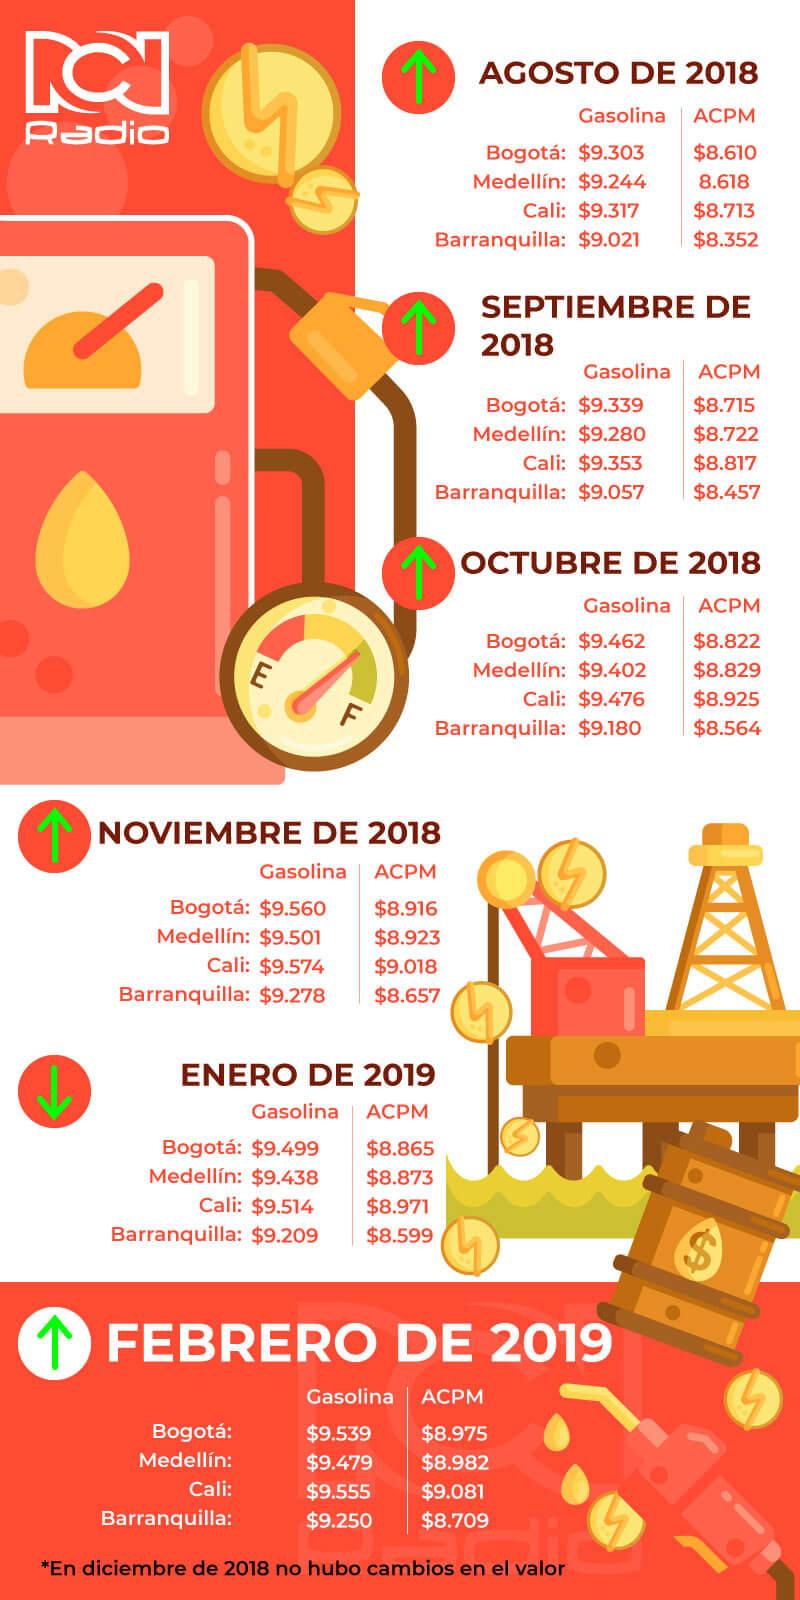 Precios de la gasolina y del ACPM desde agosto de 2018